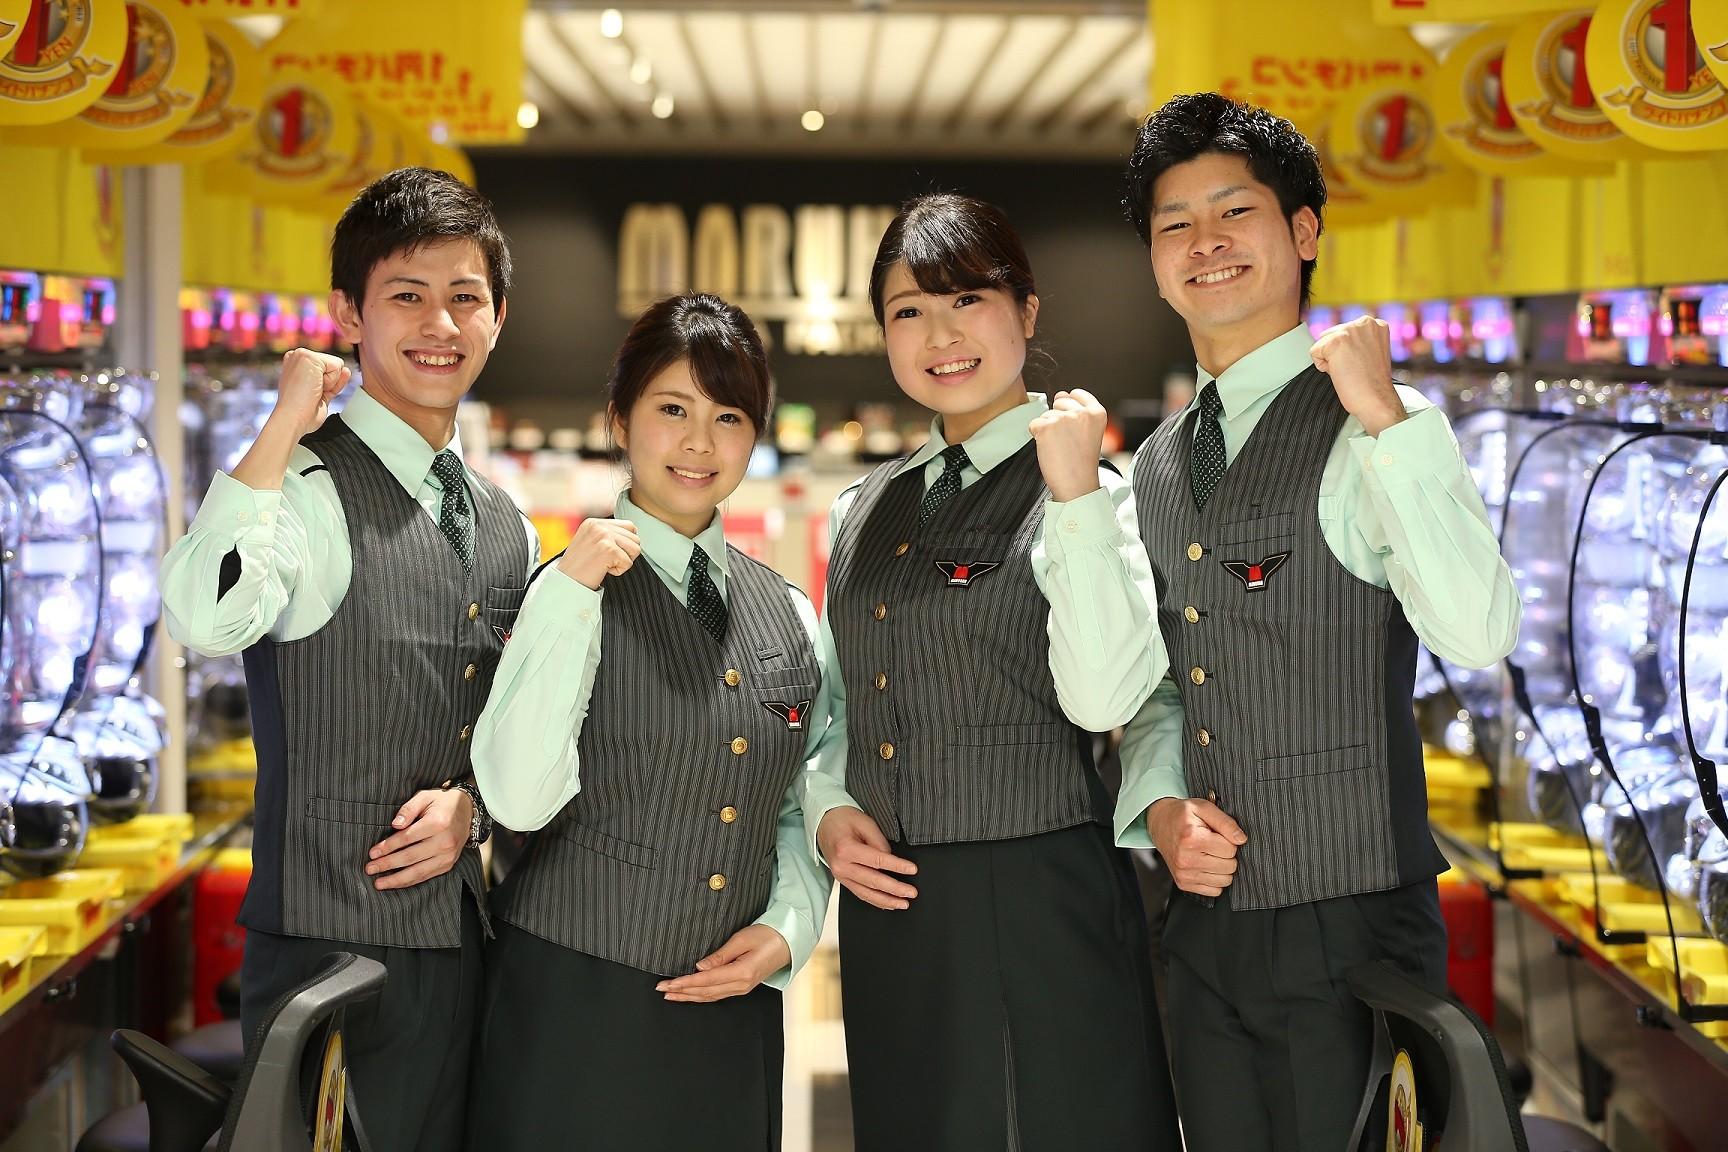 マルハン 四日市店[2401]のアルバイト情報